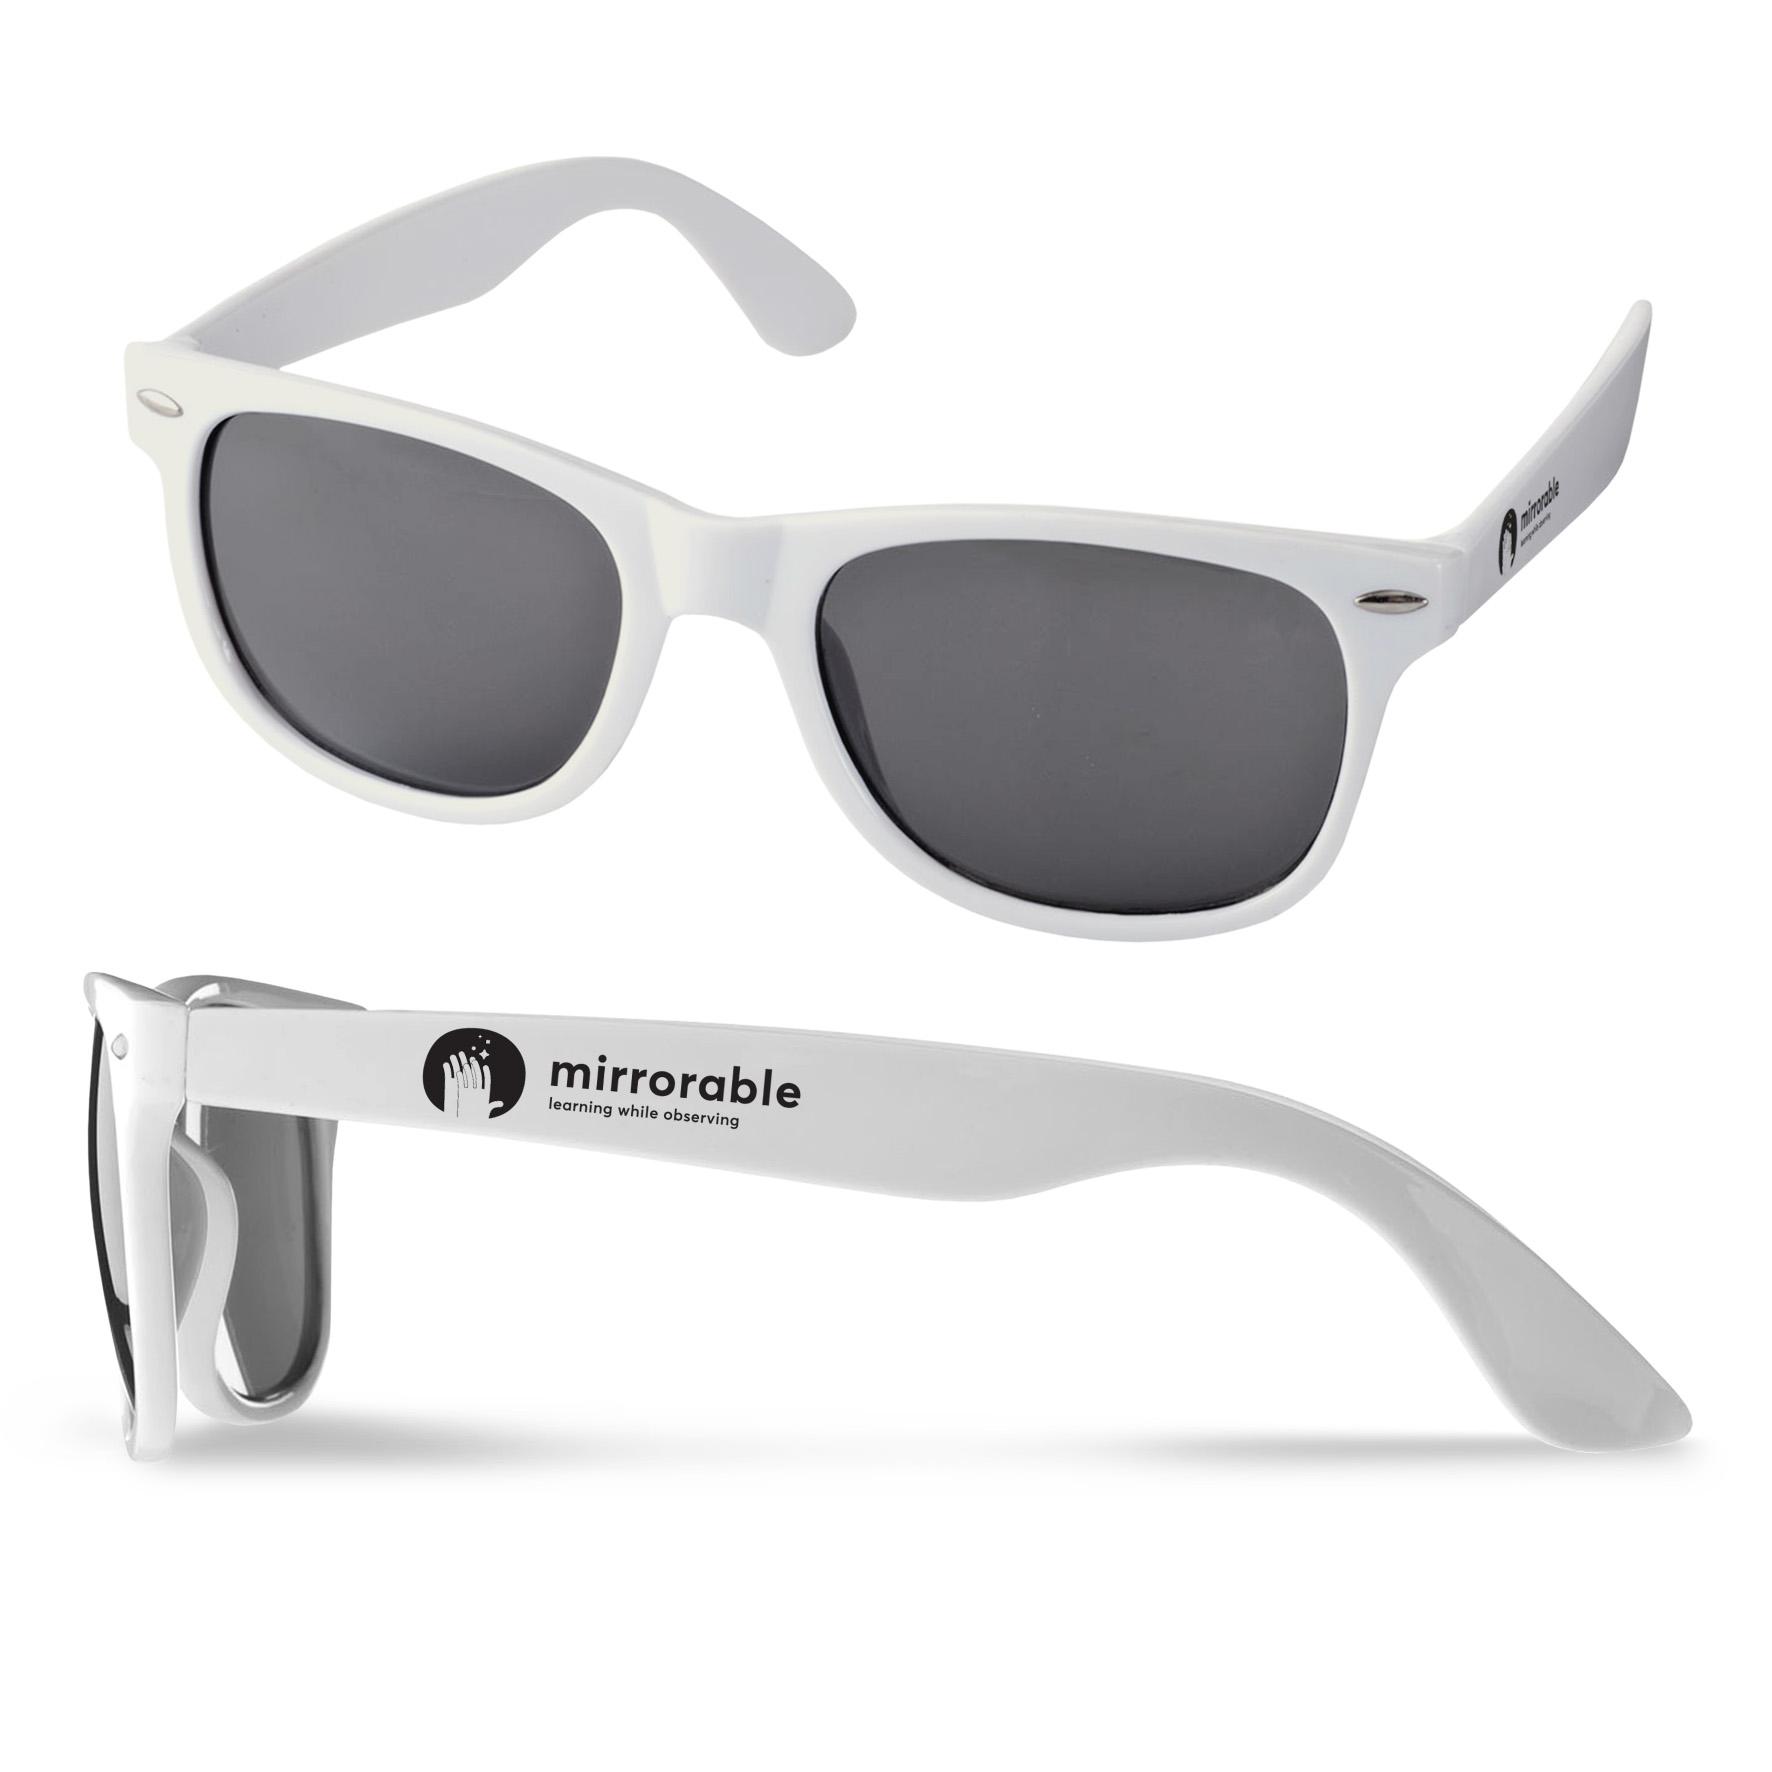 Occhiali da sole personalizzati con logo FightTheStroke